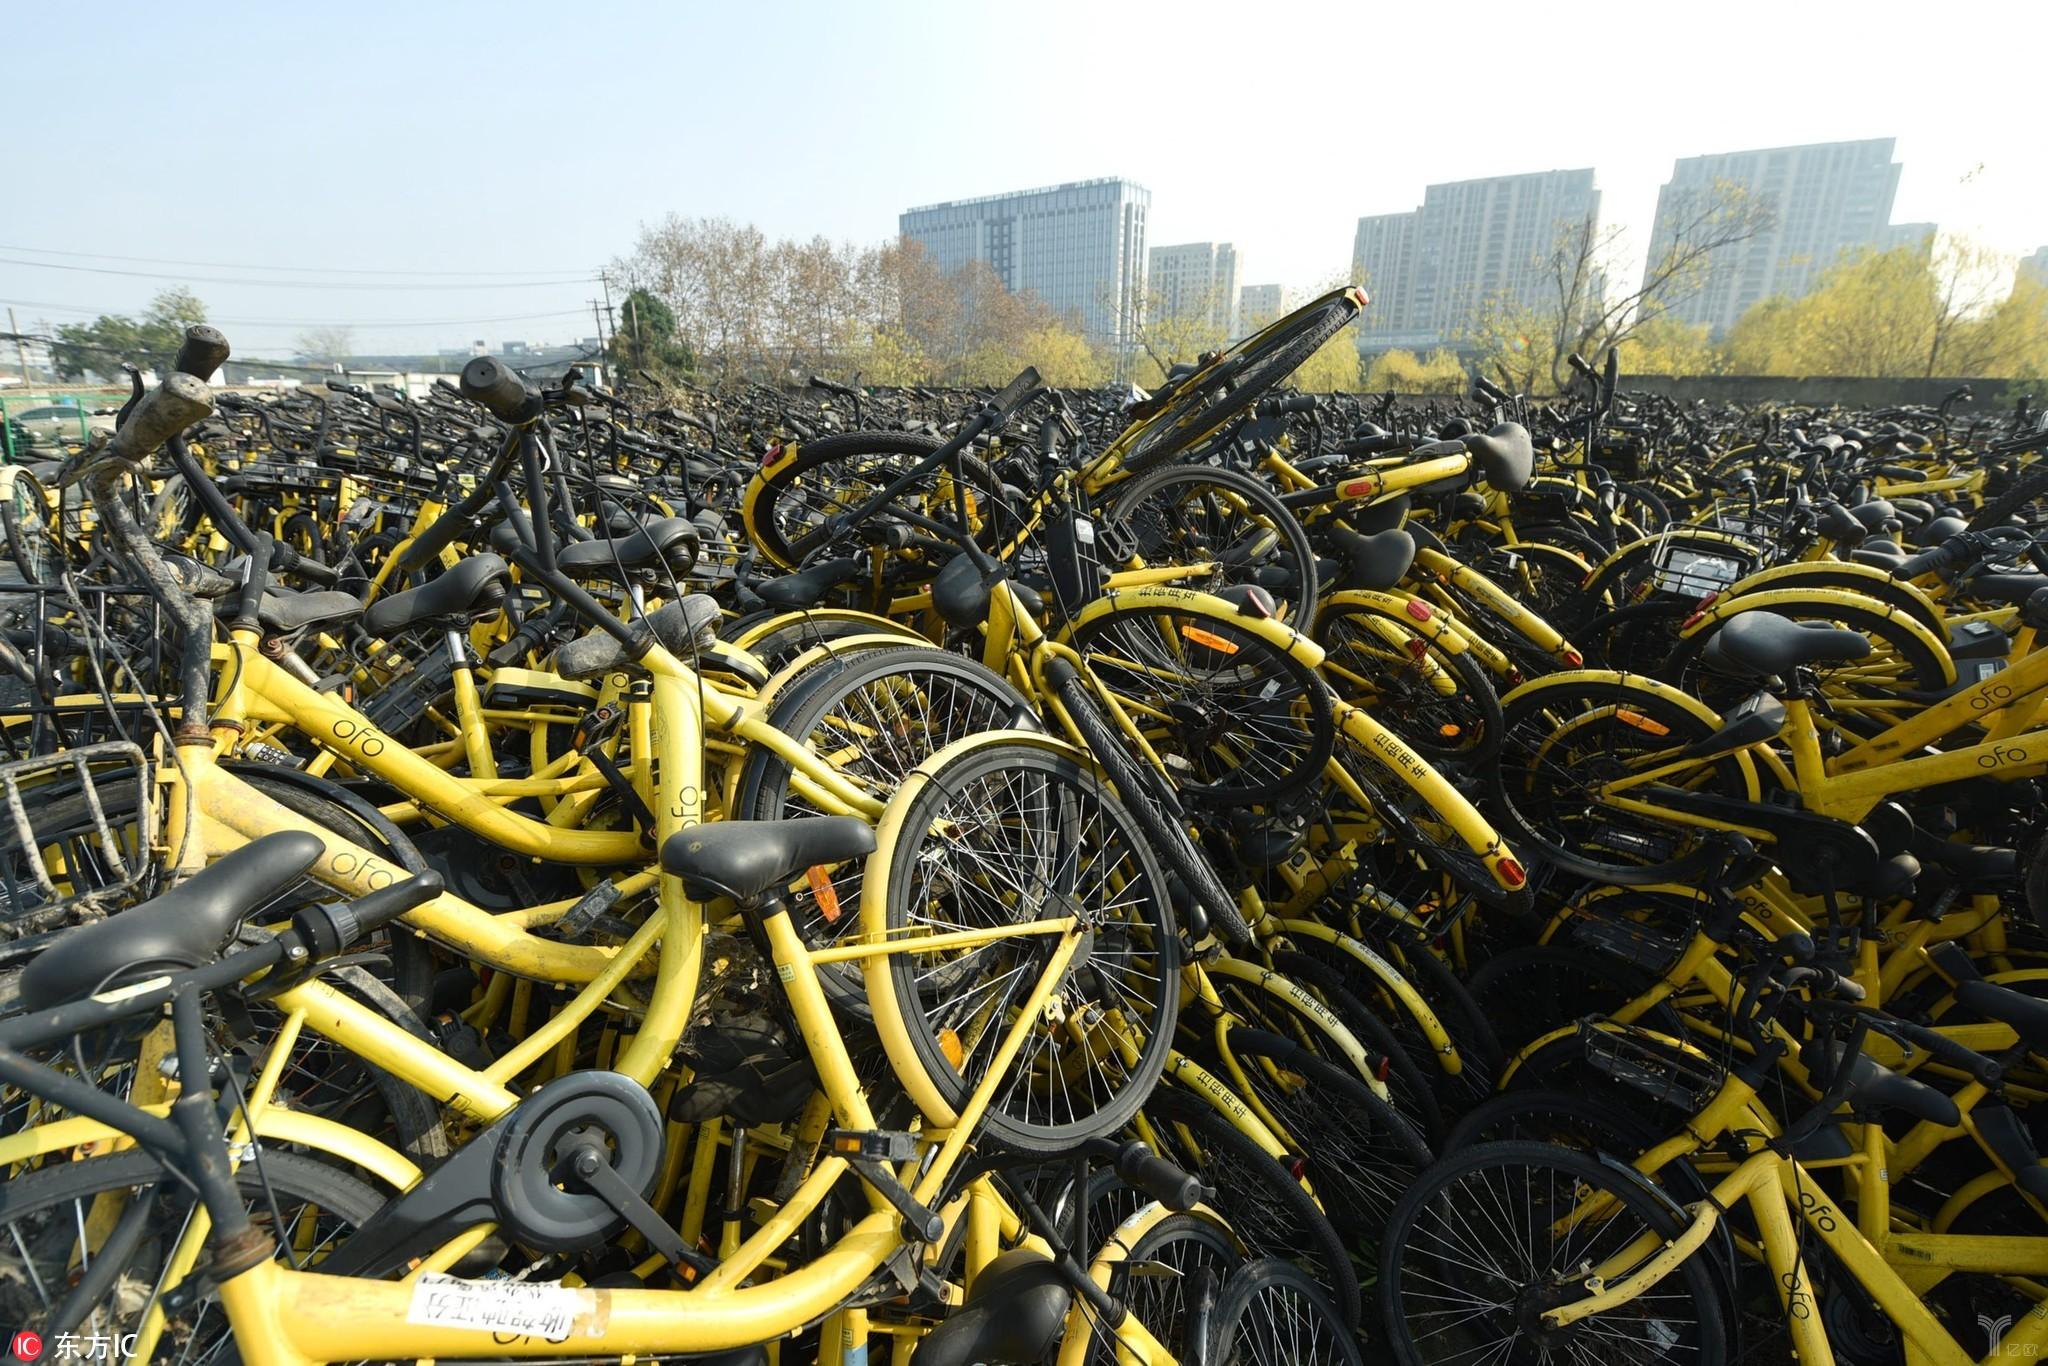 贝斯特BSTBET.COM_ofo,ofo,摩拜,共享经济,共享单车